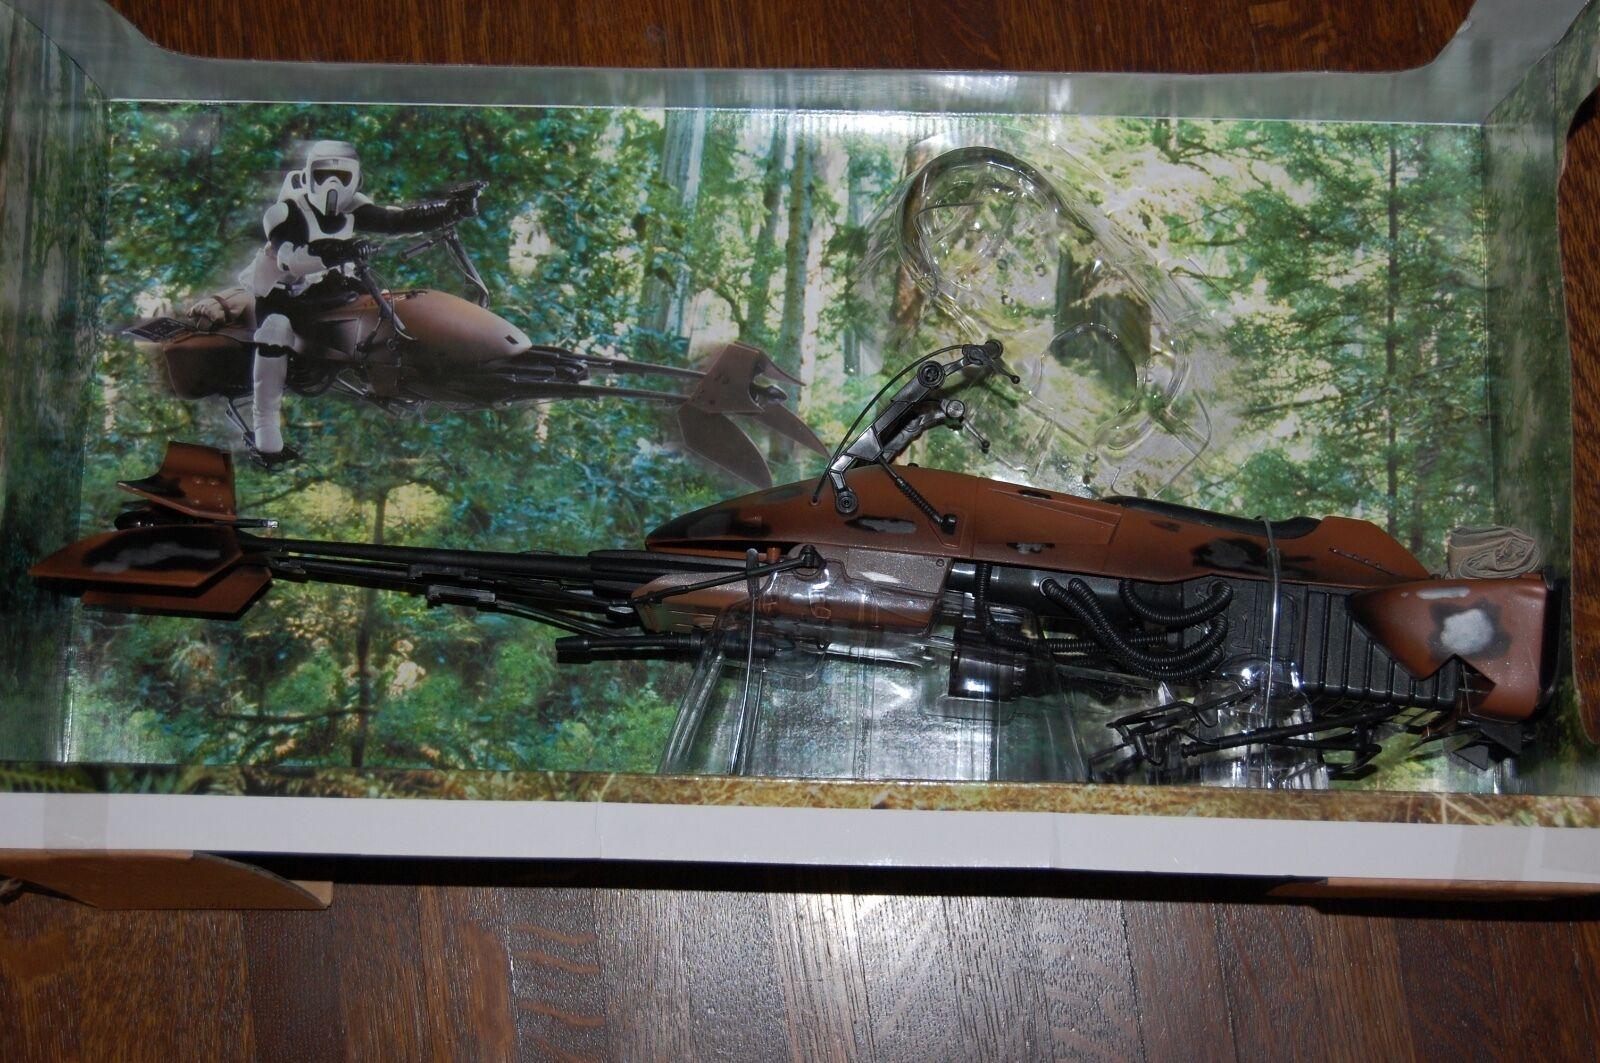 moda Speeder Bike Blaster marcas 12  figuras-Hasbro - 1 6 6 6 - Estrella Wars personalizar lado muestran  descuento de bajo precio